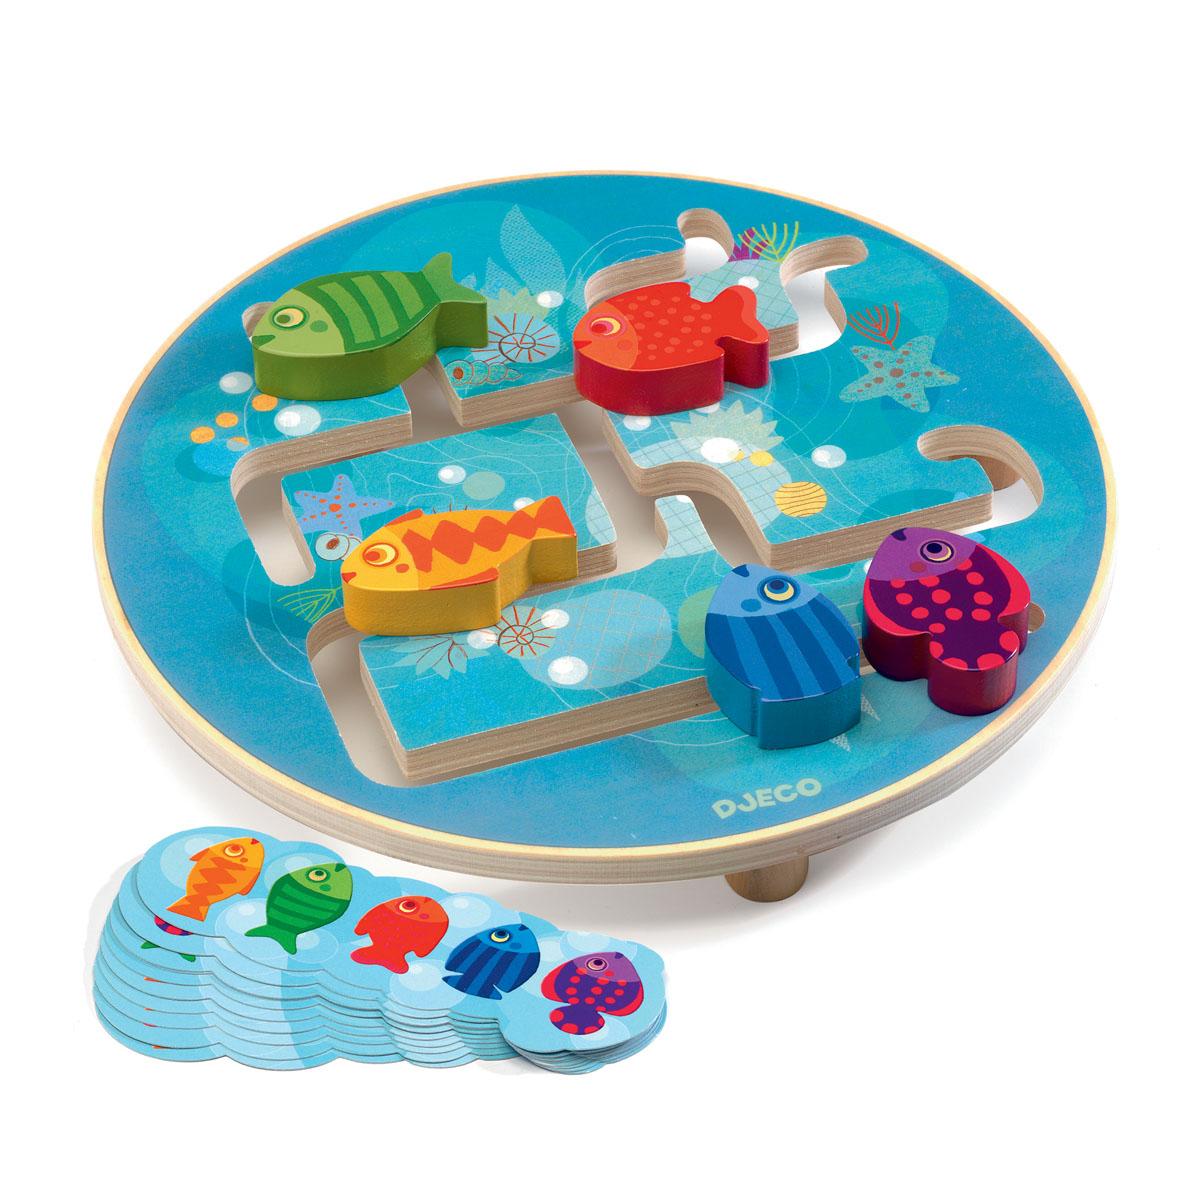 Djeco Развивающая игрушка Головоломка Рыбки01689Развивающая игрушка Djeco Головоломка. Рыбки - забавная увлекательная игра, которая надолго увлечет малыша. Игра представляет собой круглое поле голубого цвета, на котором имеются специальные полозья. По полозьям перемещаются яркие разноцветные рыбки. Задача малыша - поселить всех рыбок в домики на разных концах аквариума. Набор прекрасно развивает смекалку ребенка, внимательность. Учит его усидчивости. Все детали набора изготовлены из высококачественных материалов.